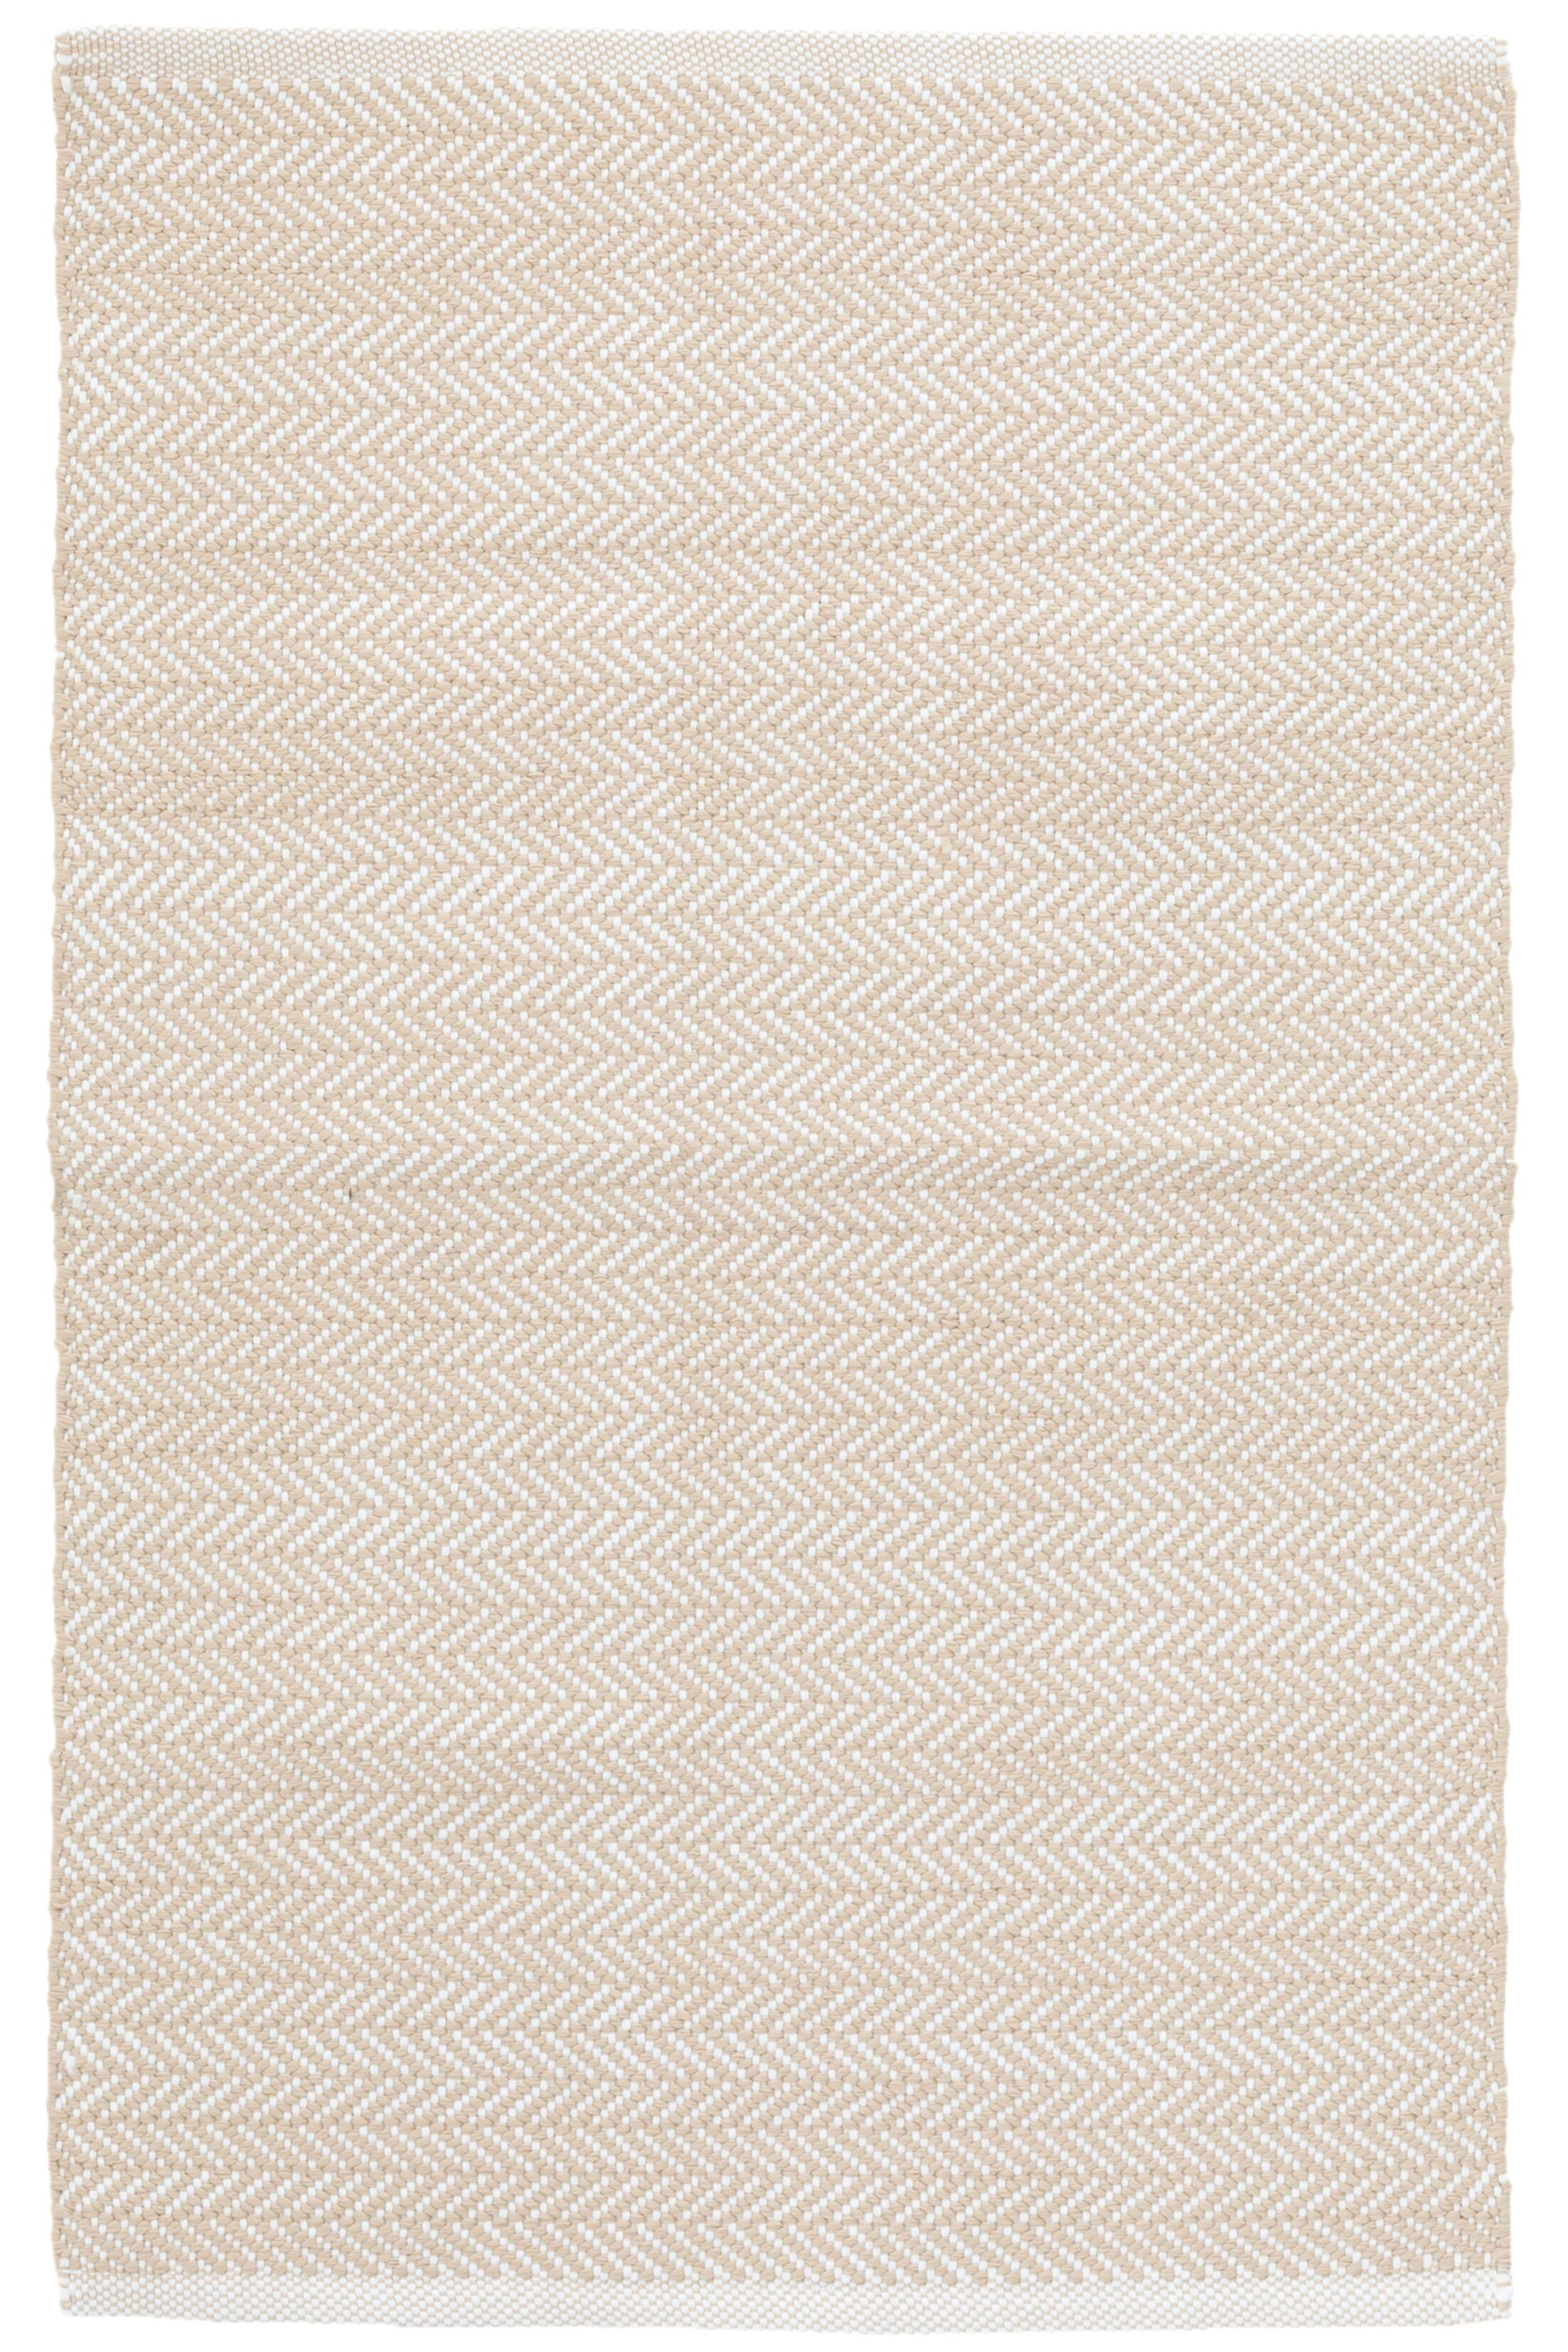 C3 Herringbone White Indoor/Outdoor Area Rug Rug Size: 4' x 6'